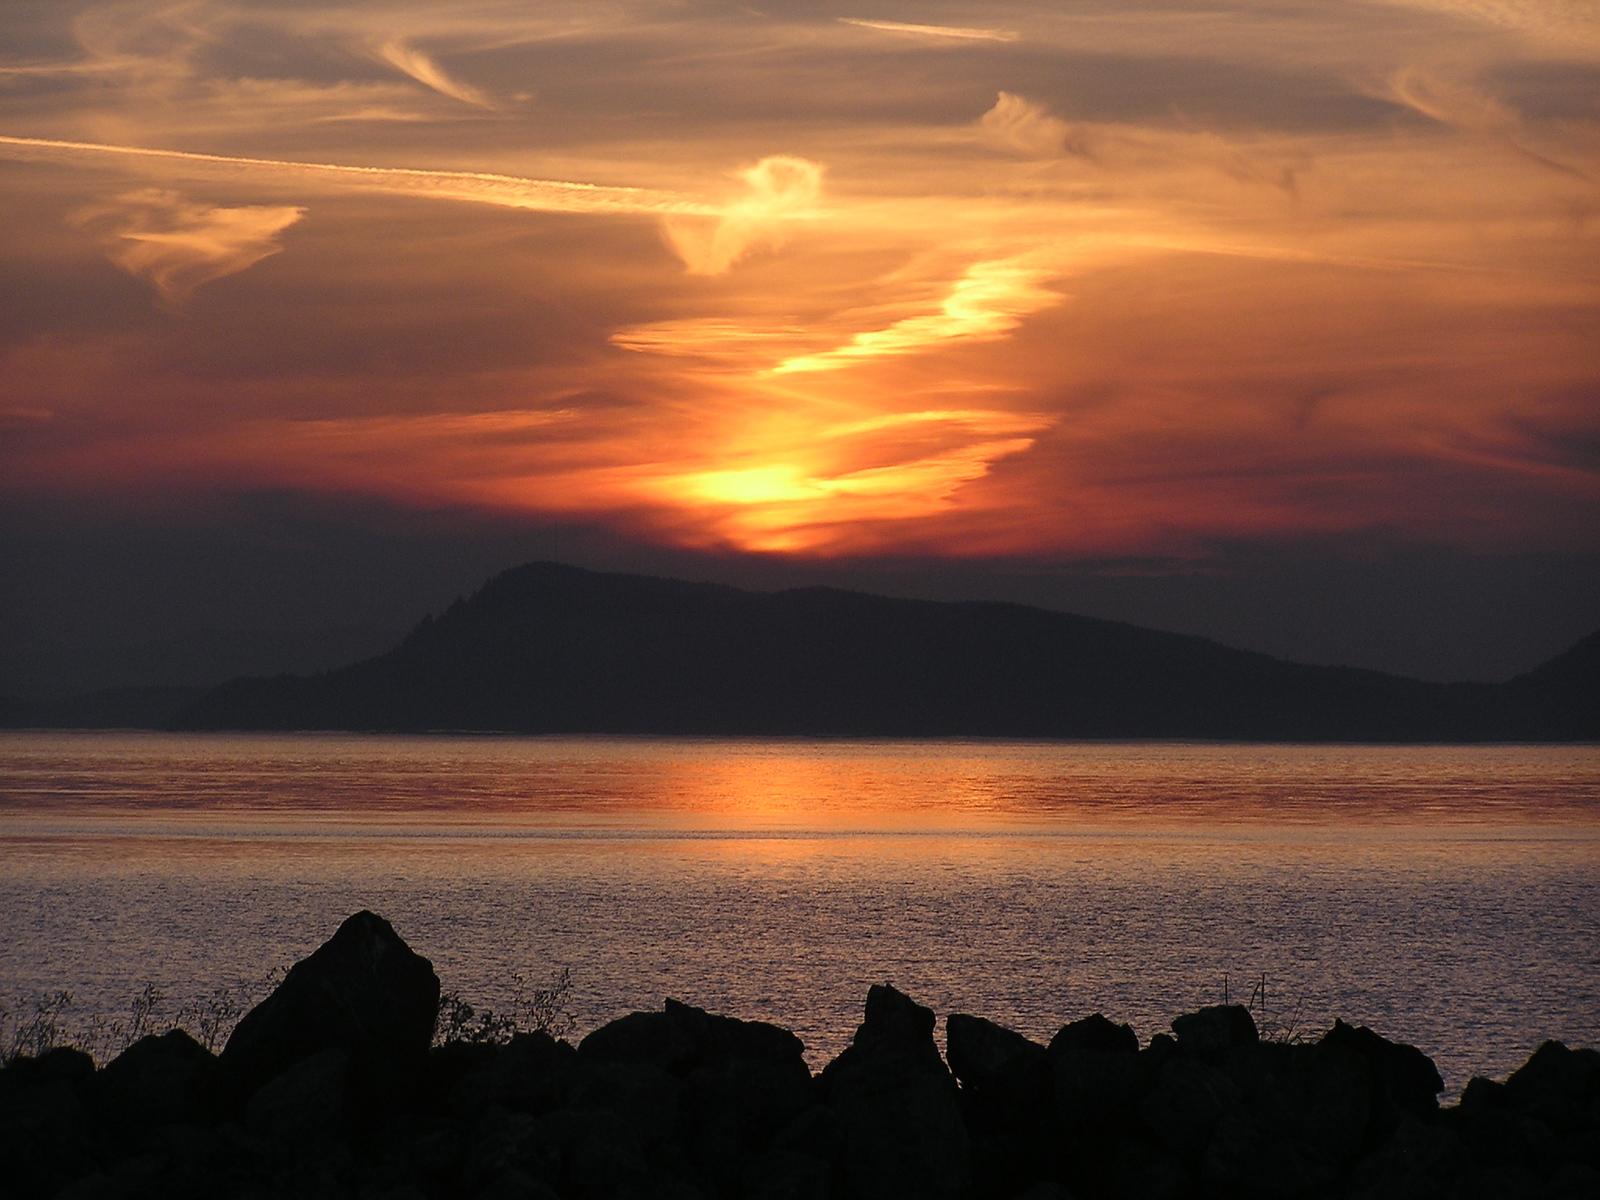 An August sunset on Orcas Island.